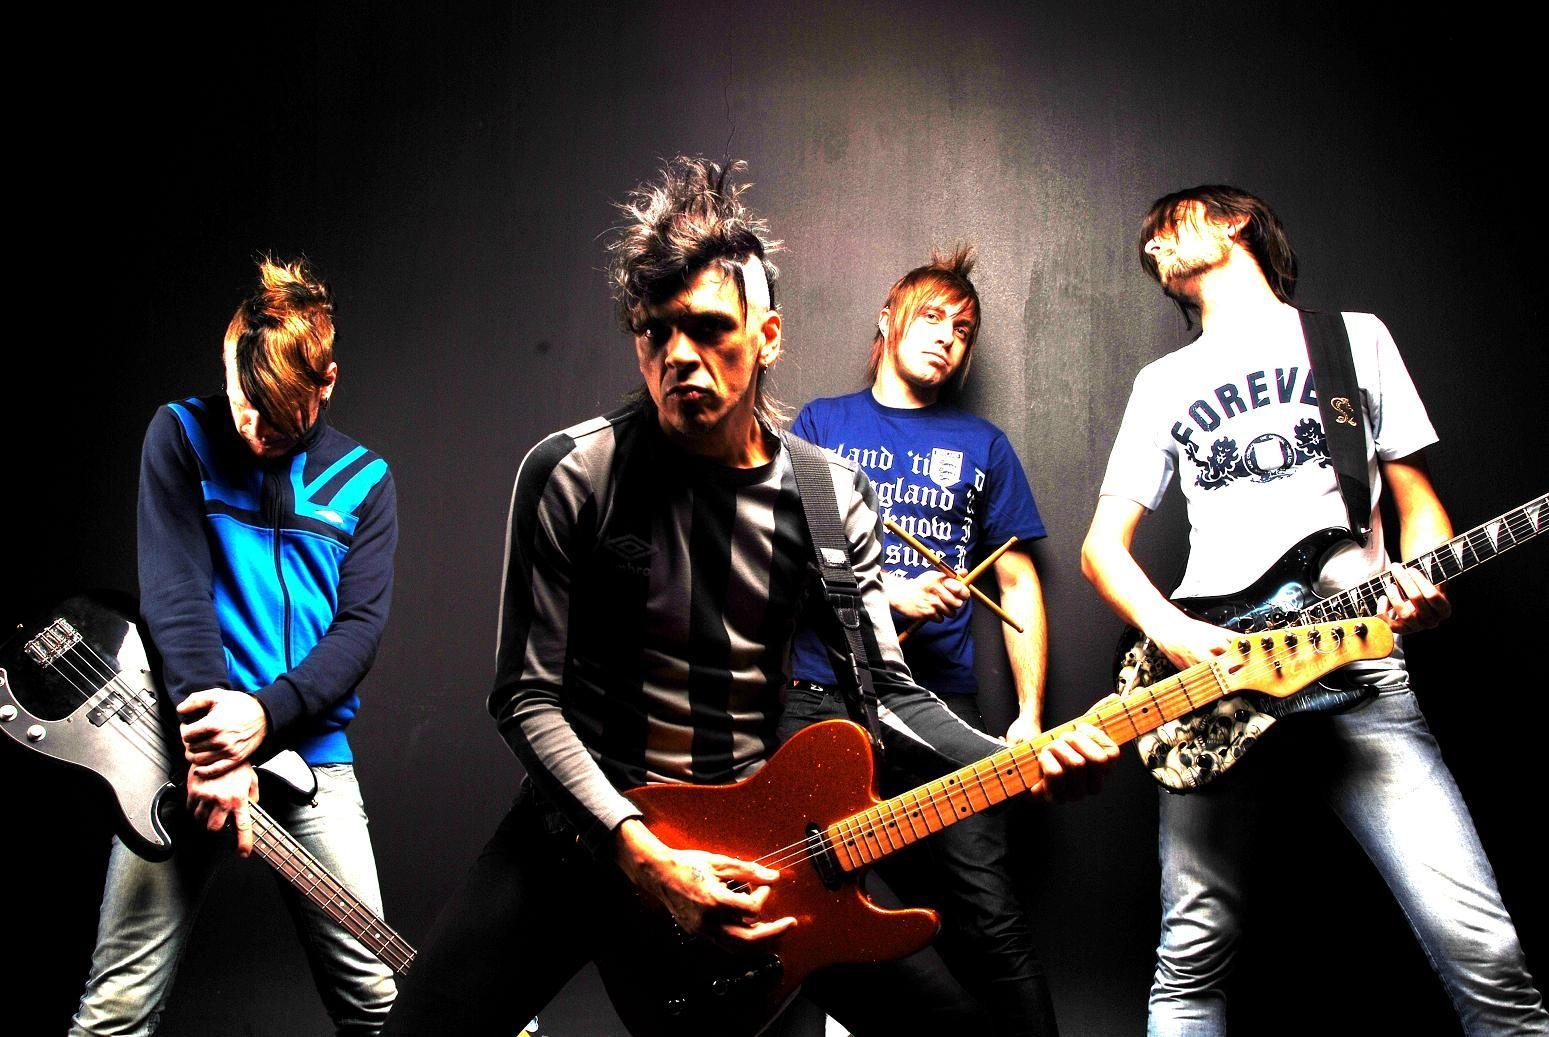 Sempre gostei muito de rock e a alguns anos criei uma banda de rock e fizemos muito sucesso,pelo nosso estilo e talento.